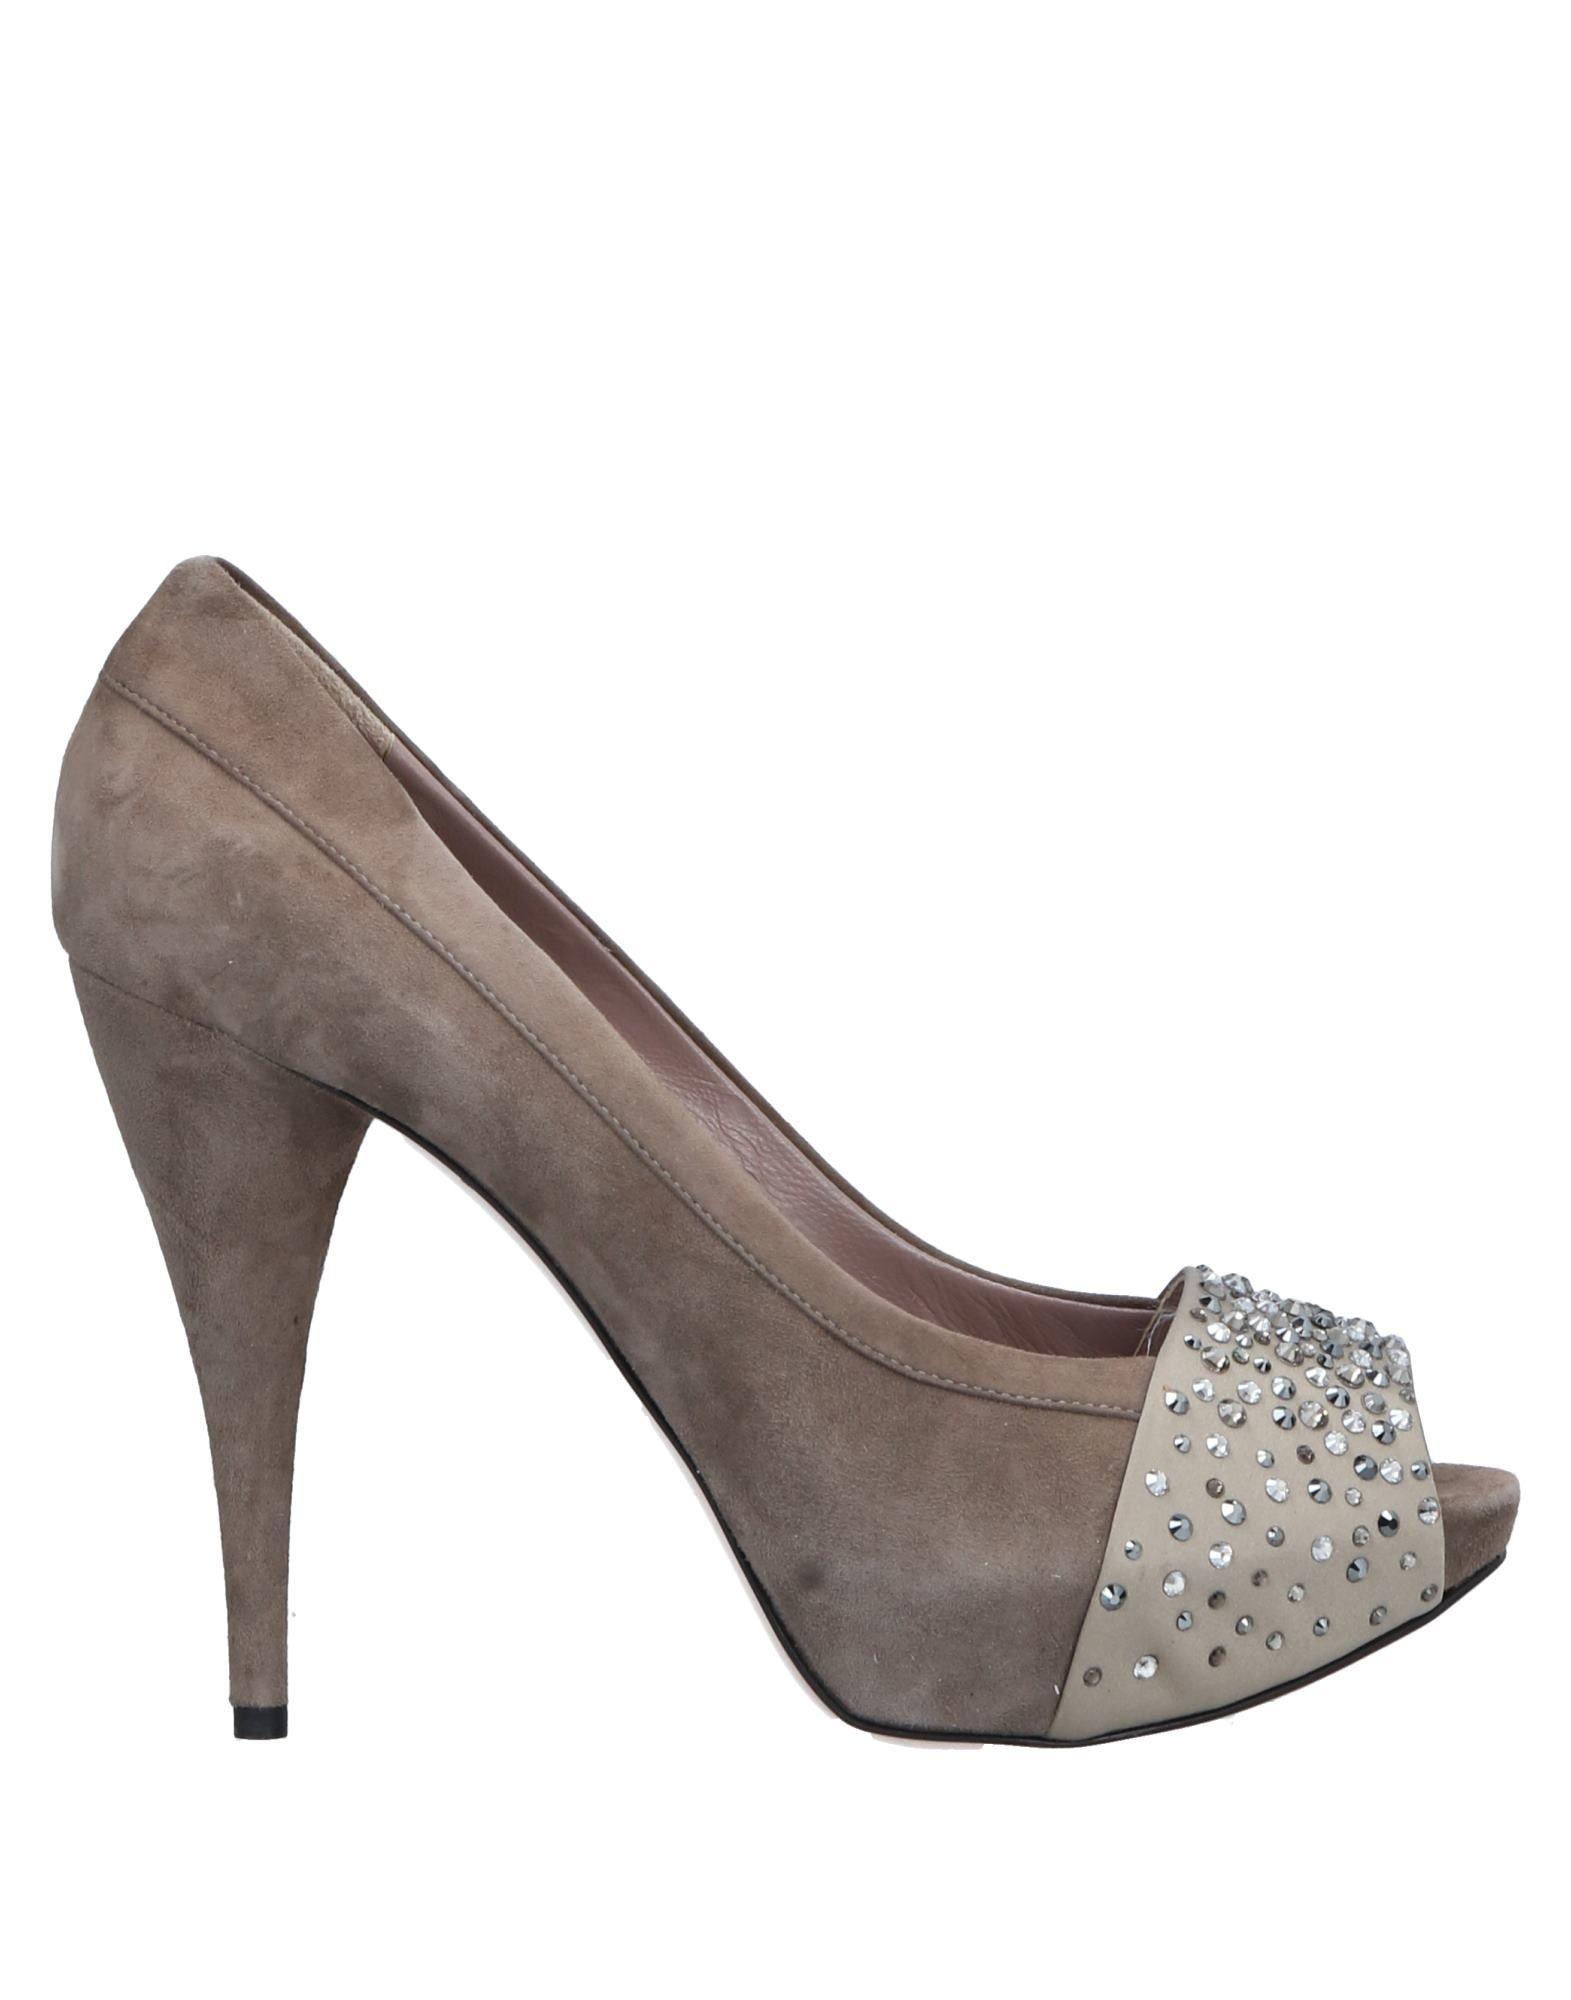 Descuento de la marca Zapato De Salón Salón De Grey Mer Mujer - Salones Grey Mer  Caqui 1b2308